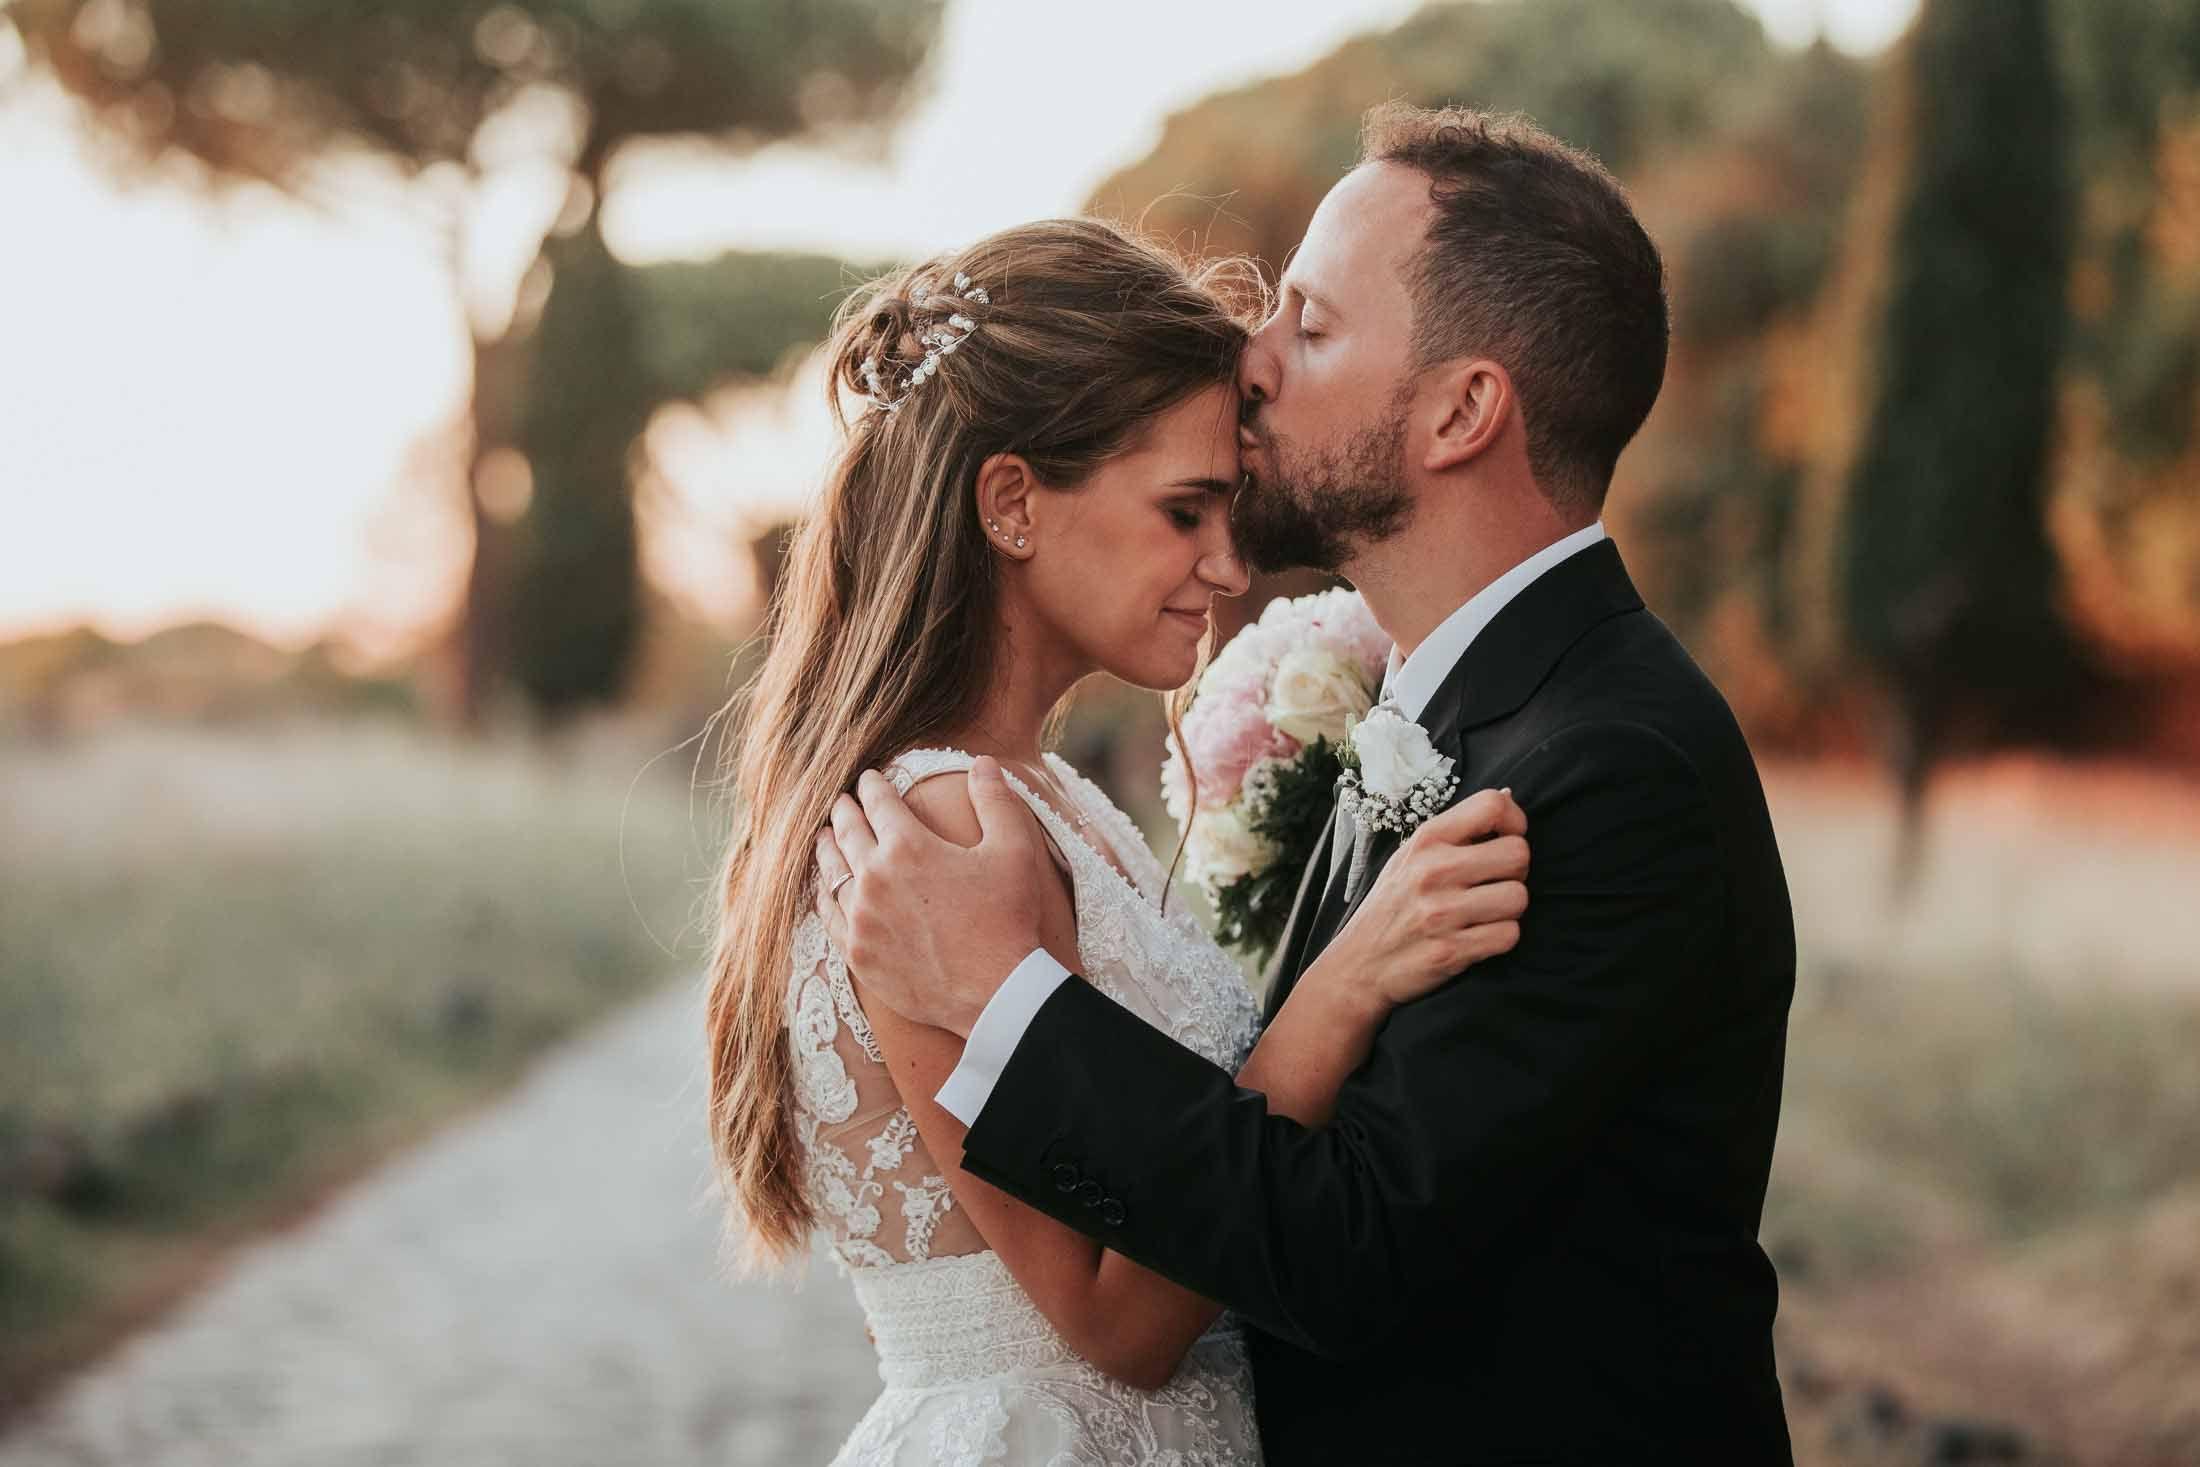 Matrimonio Alla Porta Del Principe Nel 2020 Fotografia Di Matrimonio Matrimonio Matrimonio Religioso